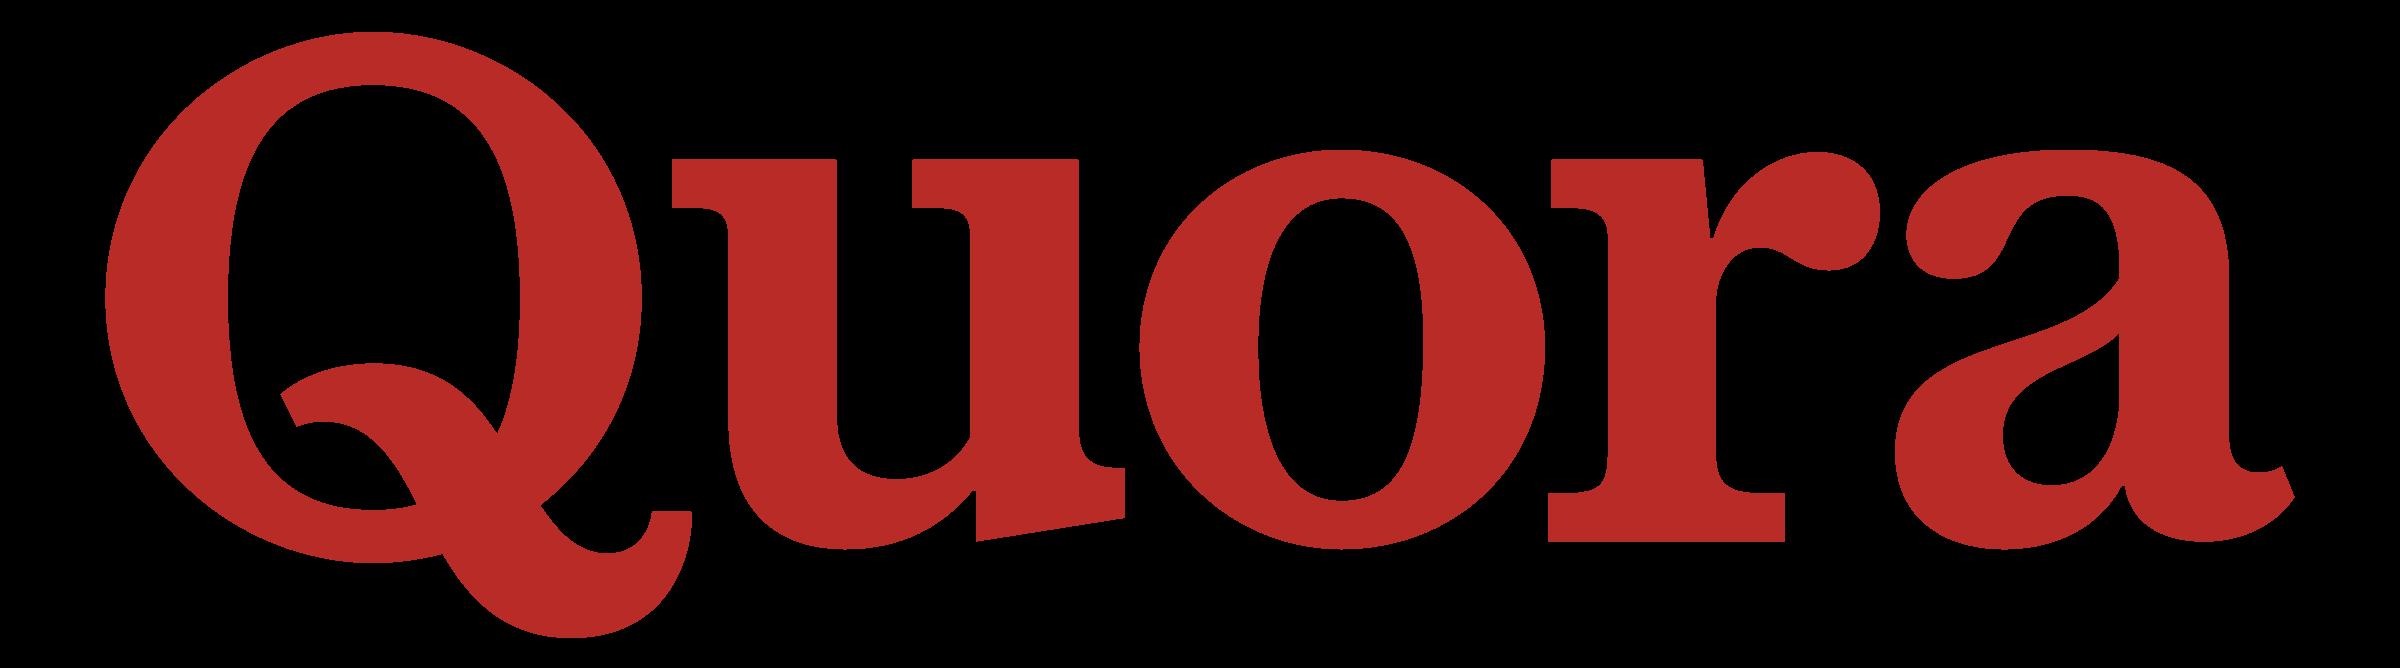 quora-logo-transparent